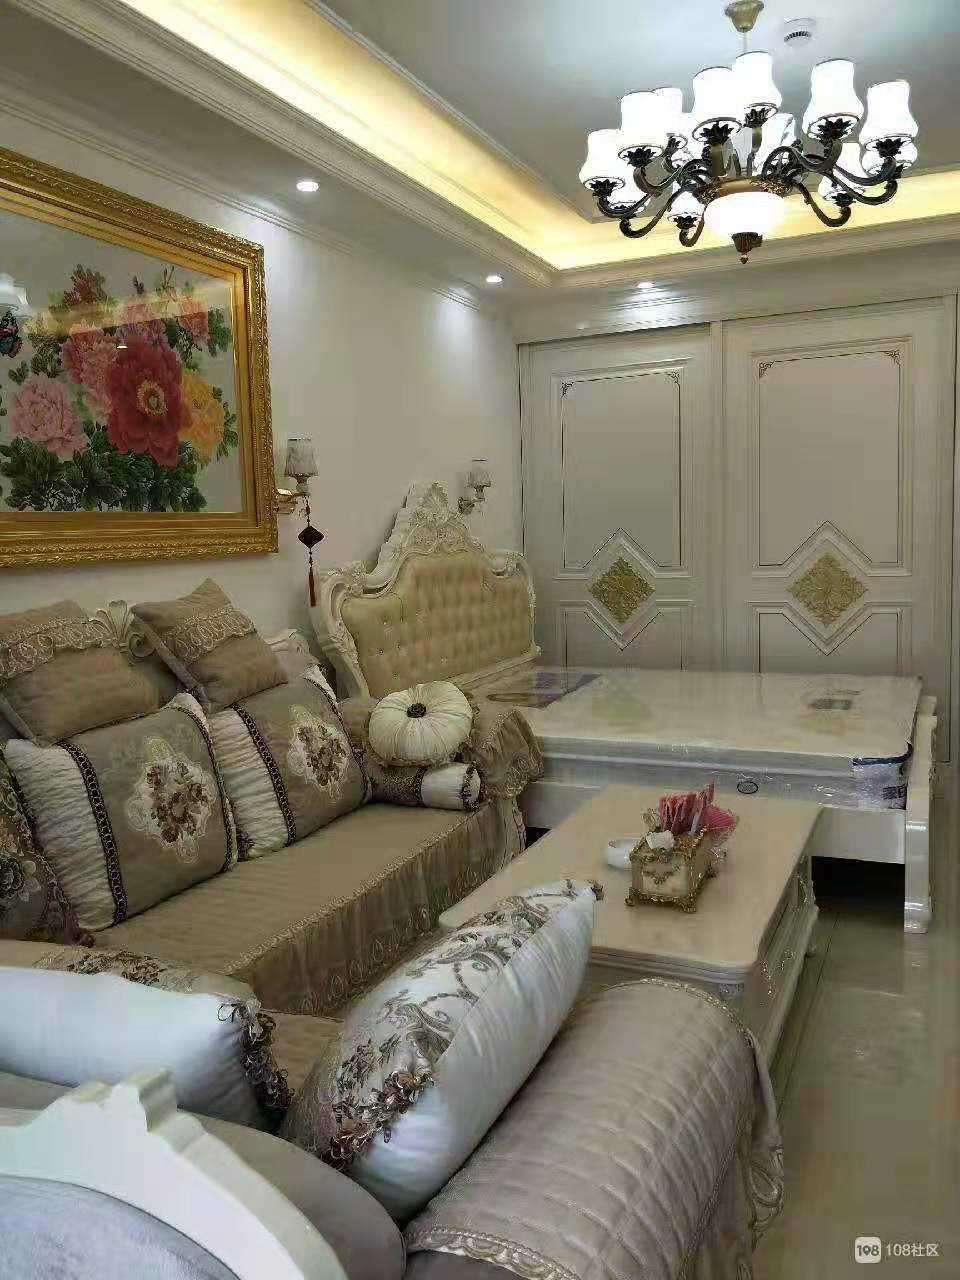 100510出售世贸金樽公寓A幢5楼,朝南48平方,精装修,售价55.8万的实拍照片